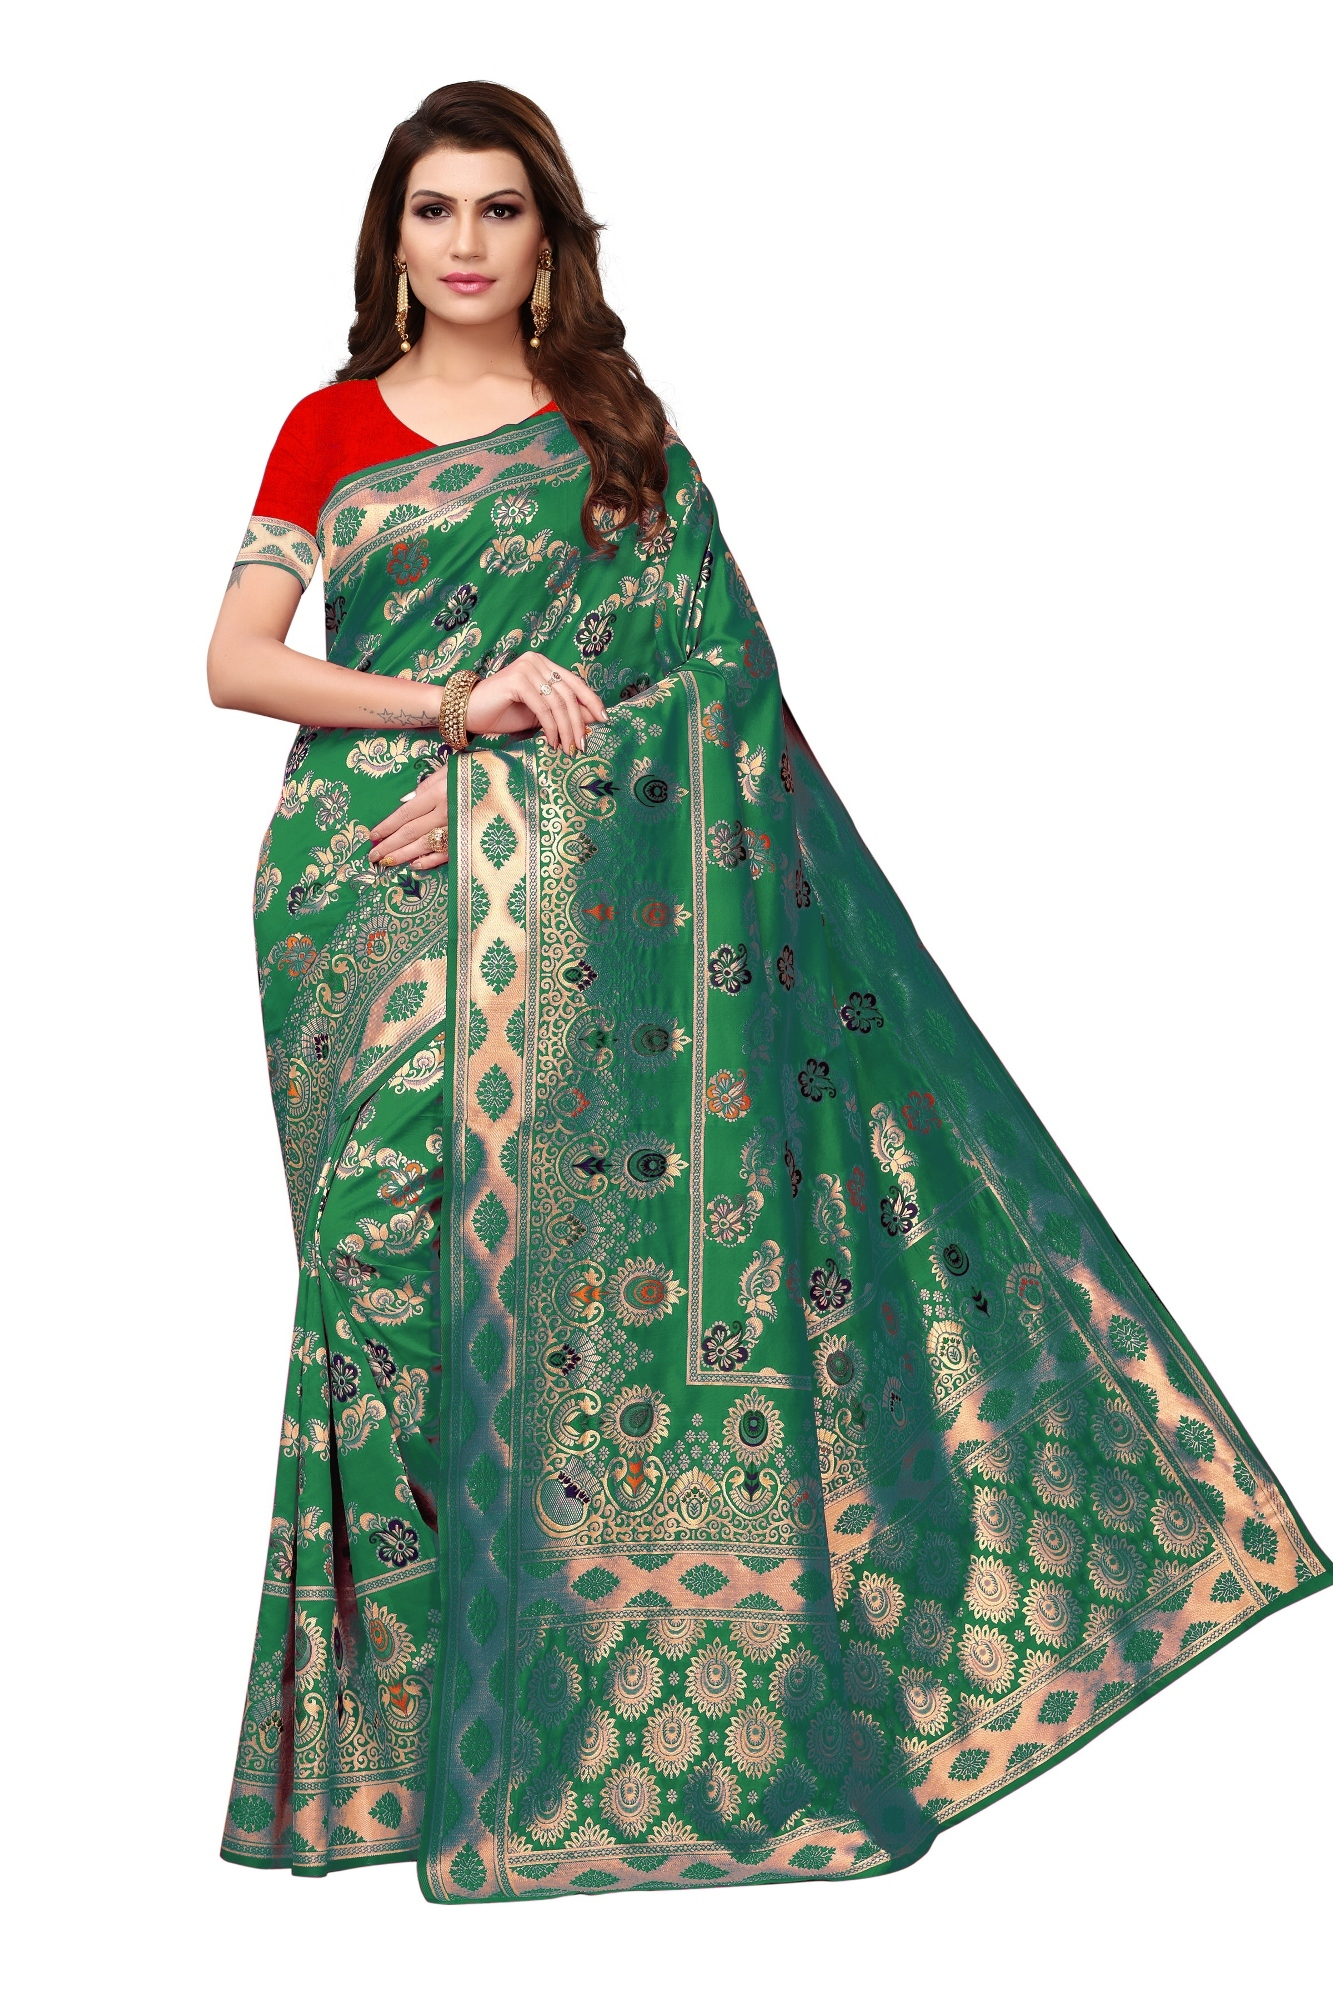 Banarasi silk saree